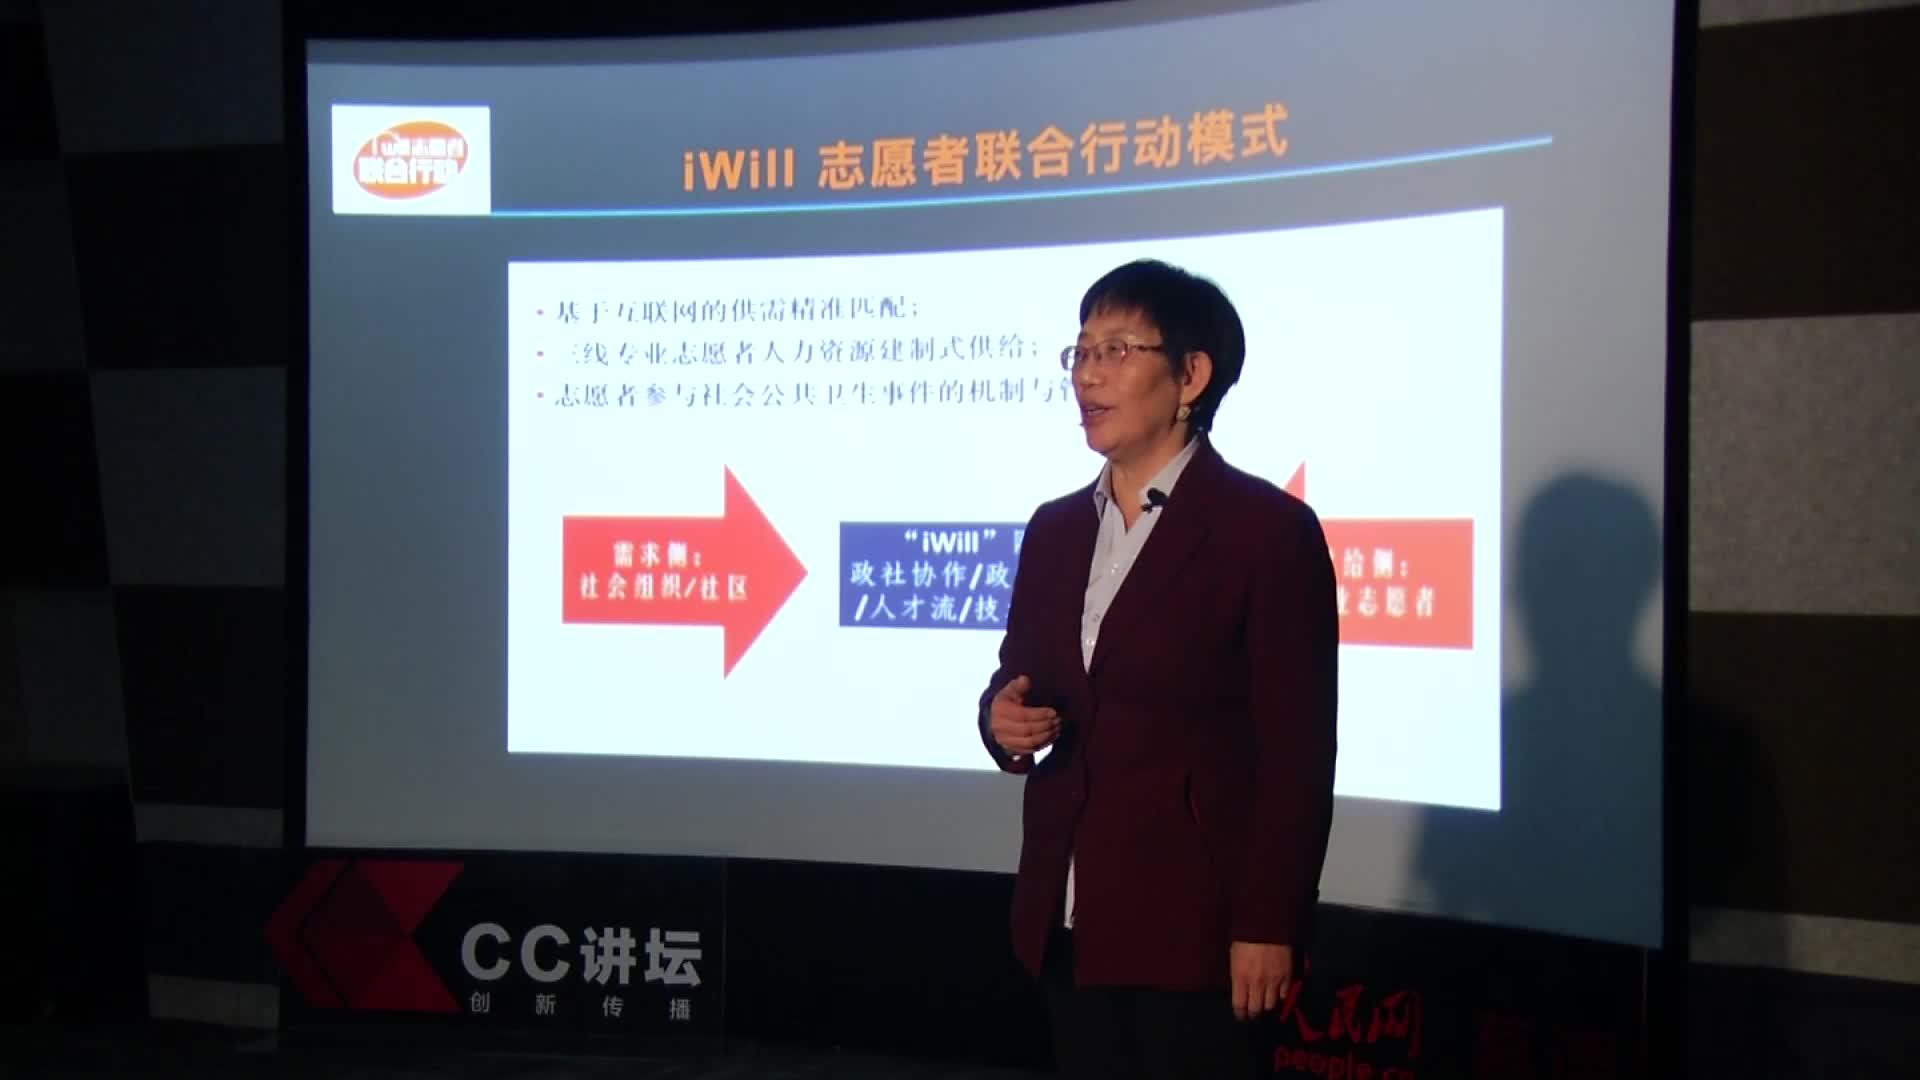 CC讲坛——杨团:团结抗疫,2020专业 志愿 者的公益元年